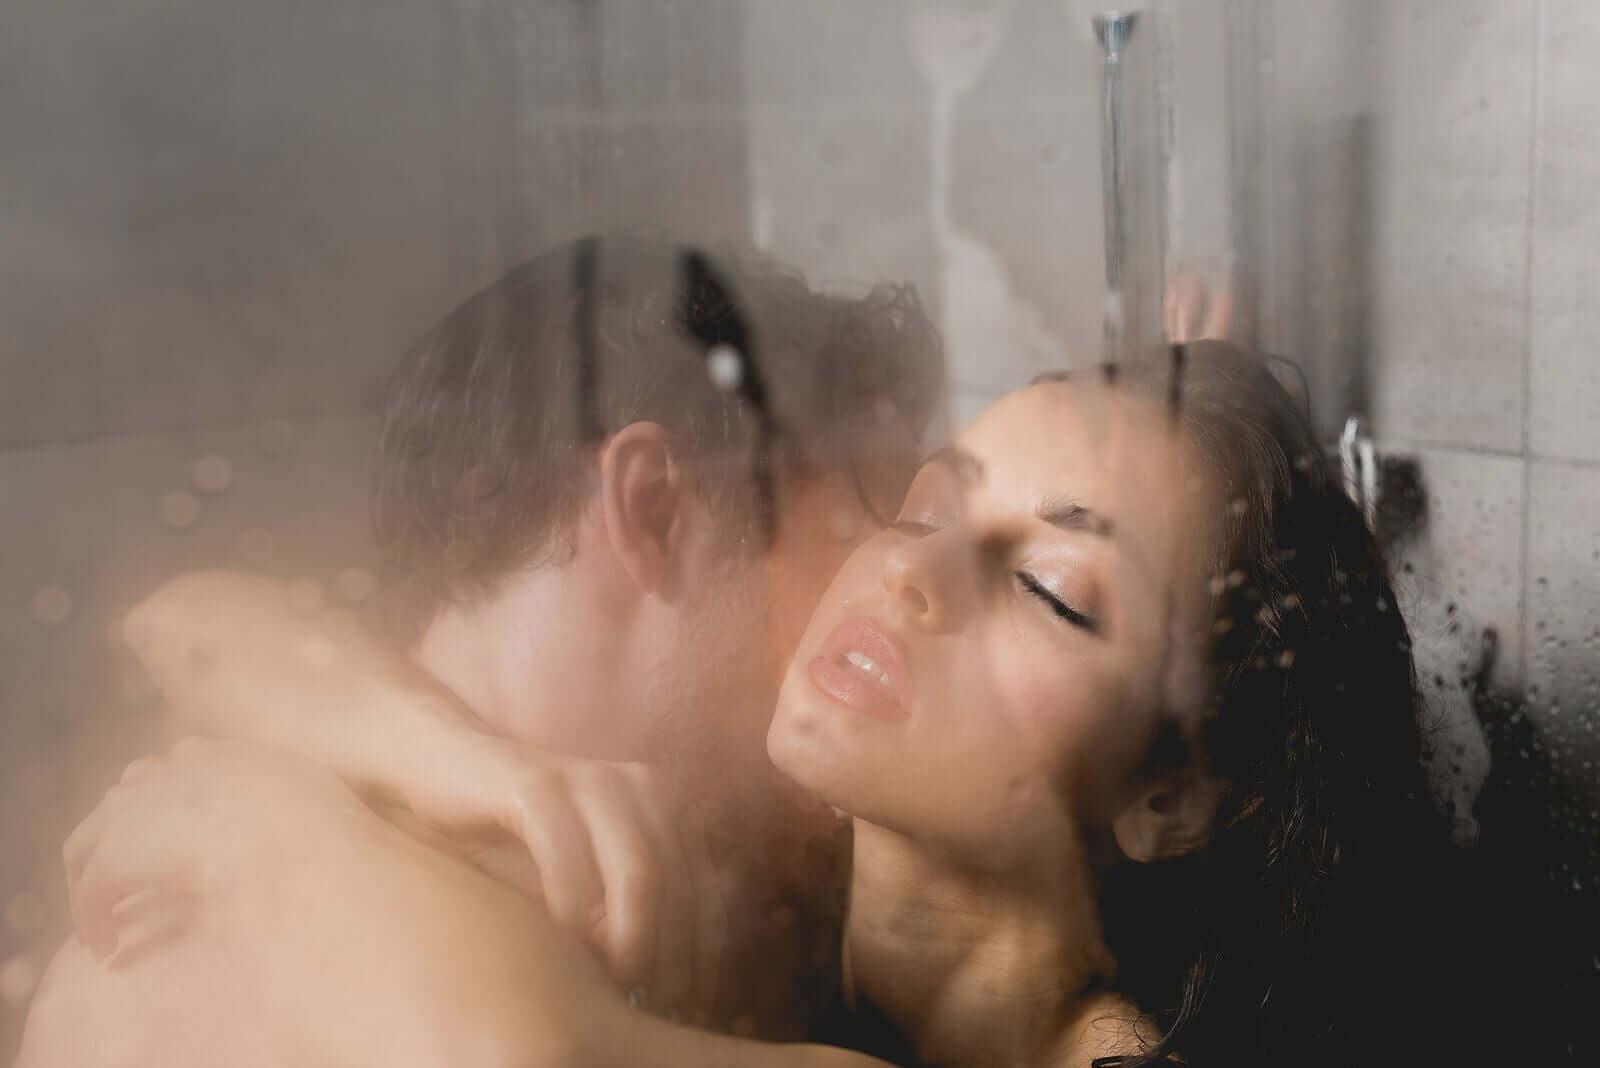 Coppia sotto la doccia.